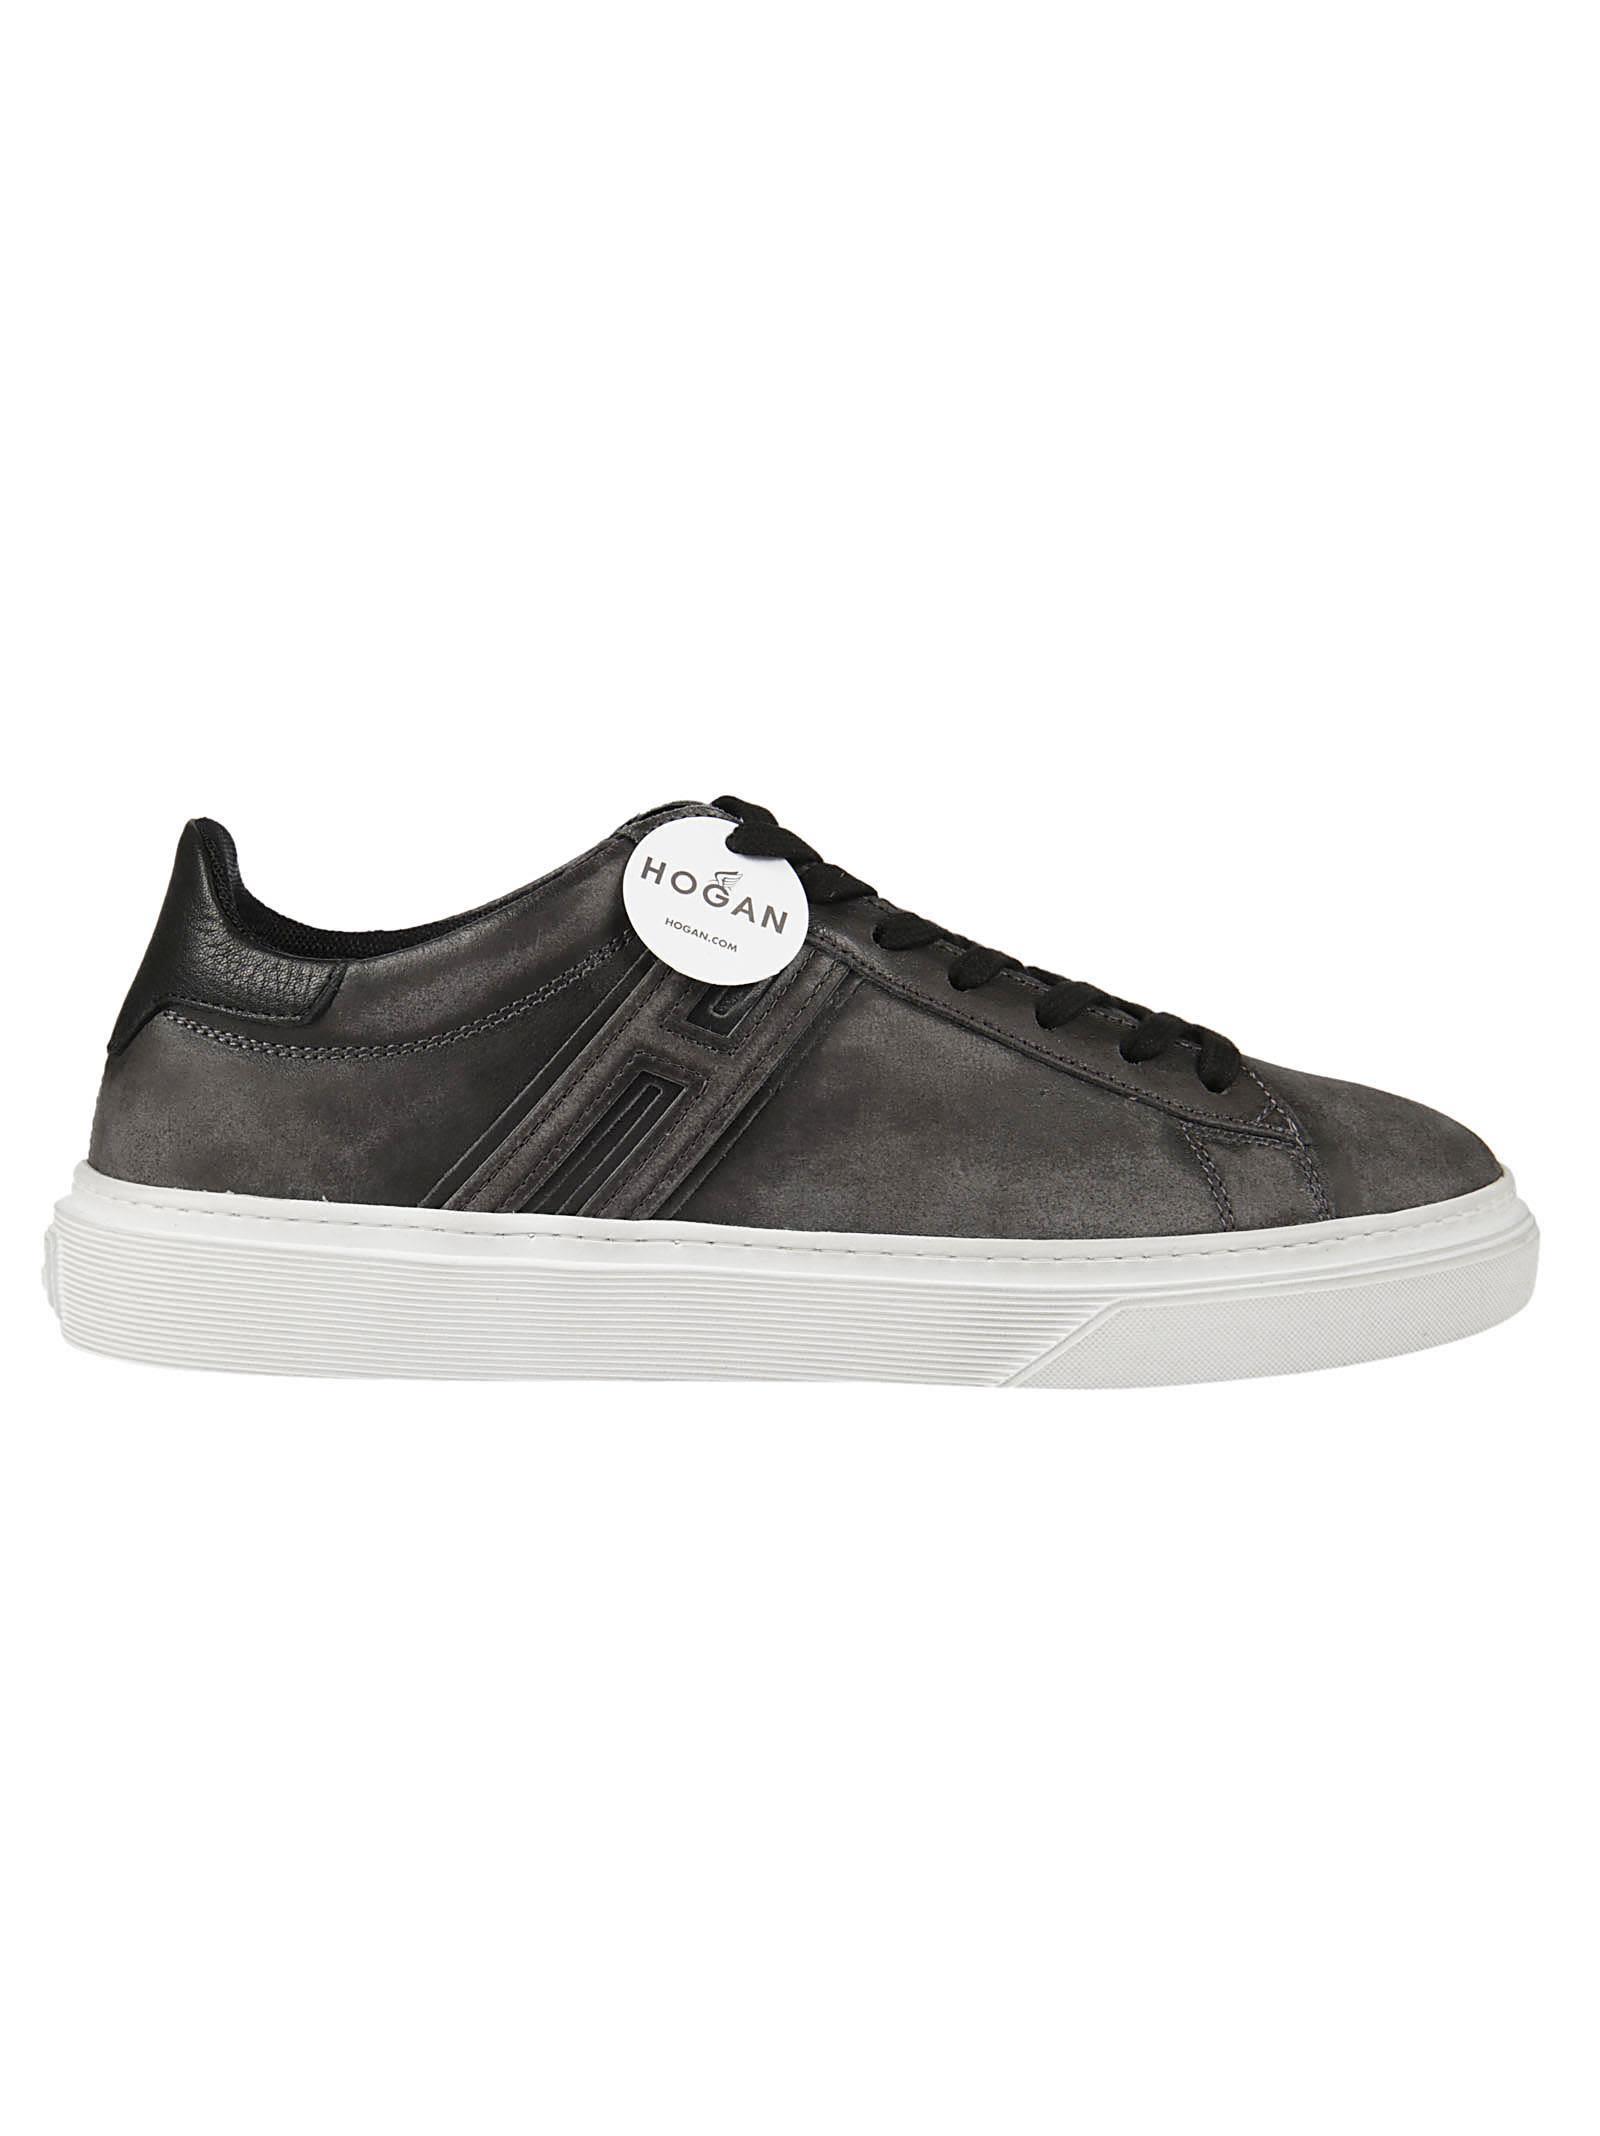 Hogan H340 Low Top Sneakers